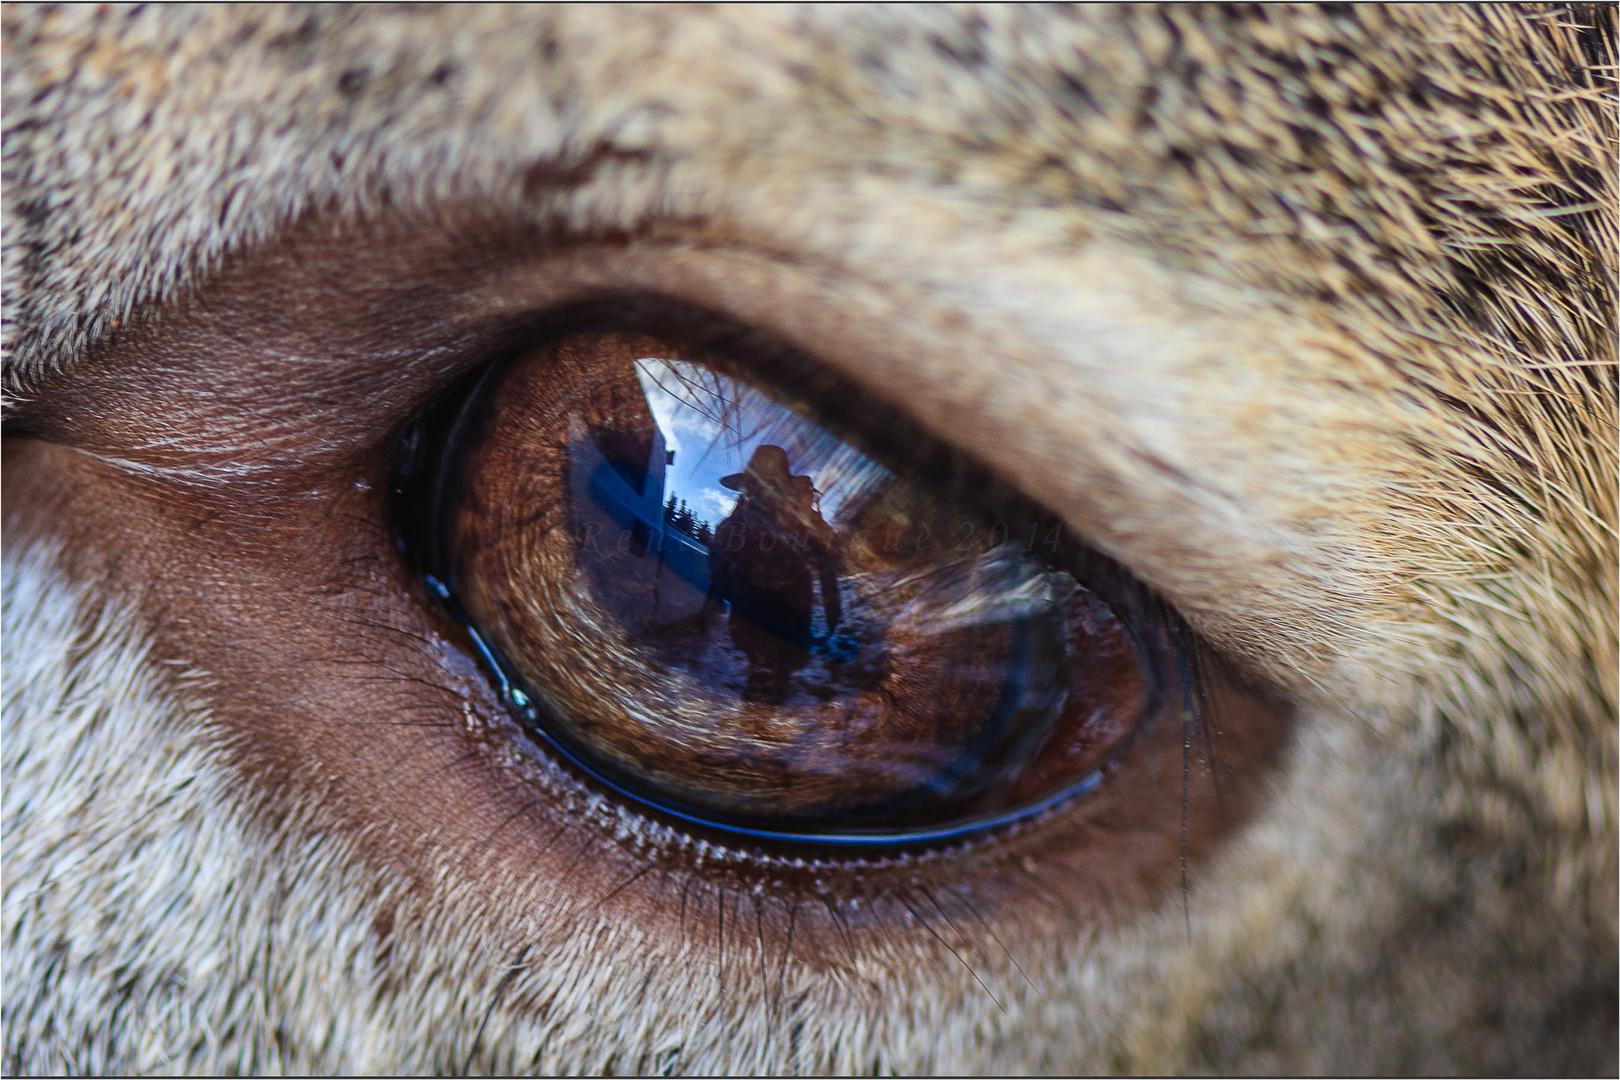 autoportrait dans un oeil de chevreuil photo et image